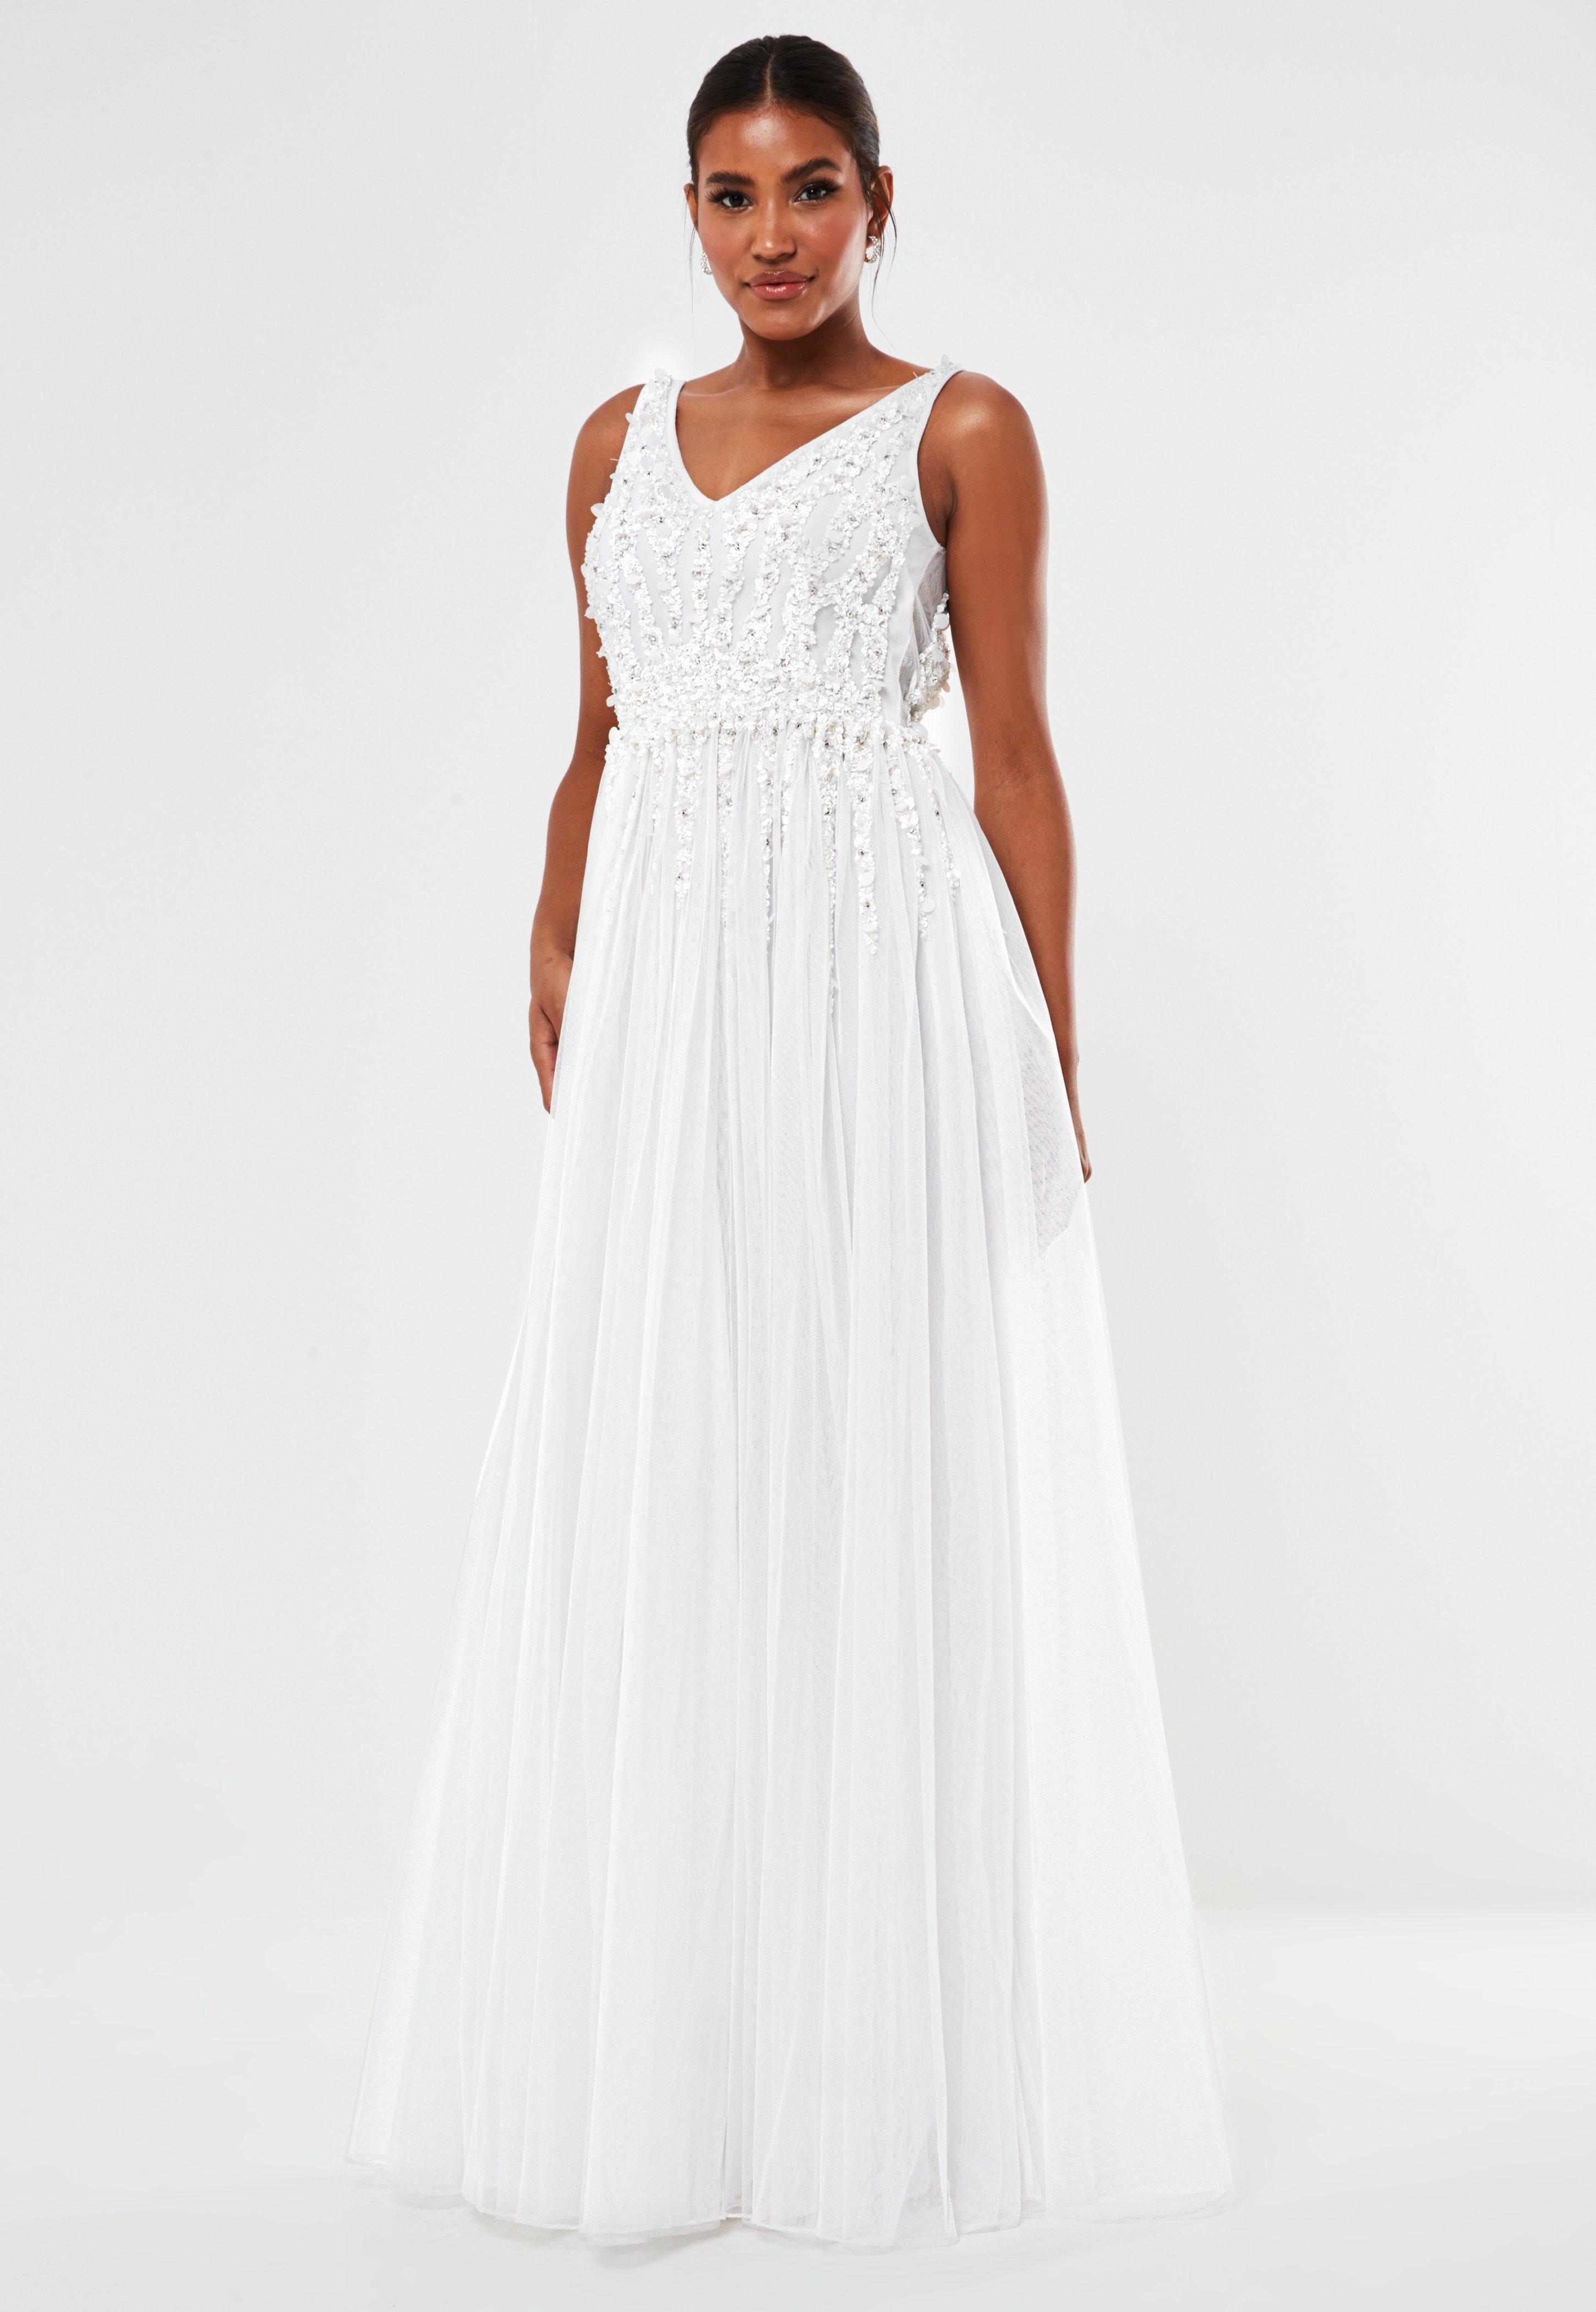 Hochzeitskleid mit tiefem Ausschnitt und von Hand mit Perlen besetzt in Weiß